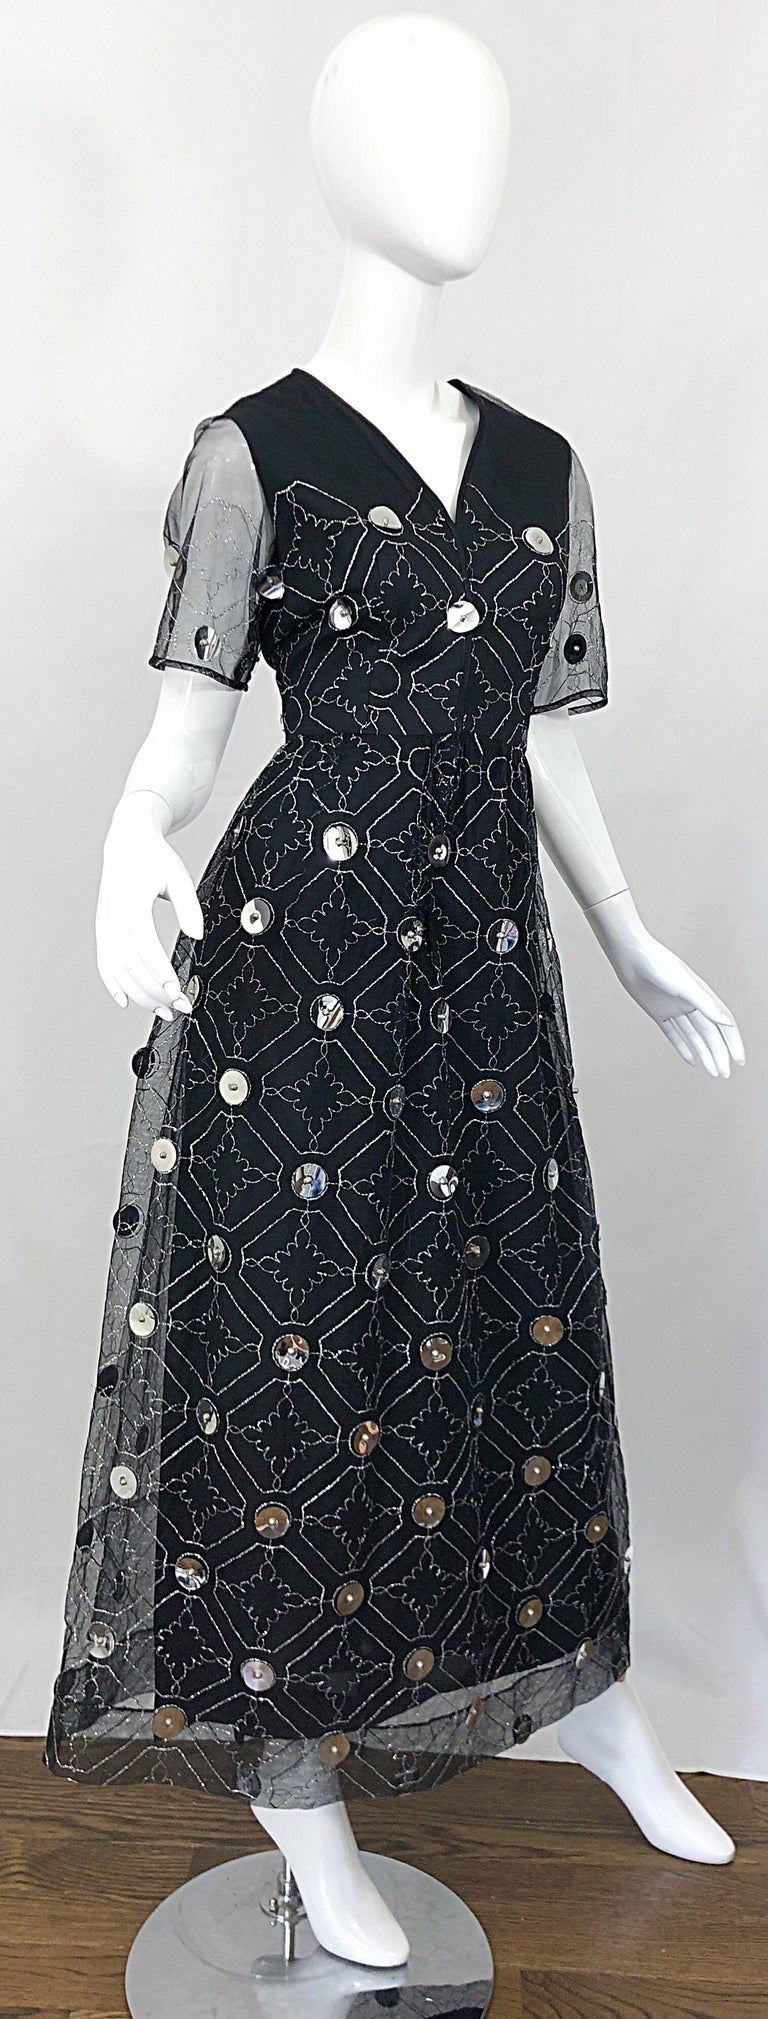 Vintage Oscar de la Renta Sz 10 1970s Black Tulle + Silver Pailletes 70s Gown For Sale 11